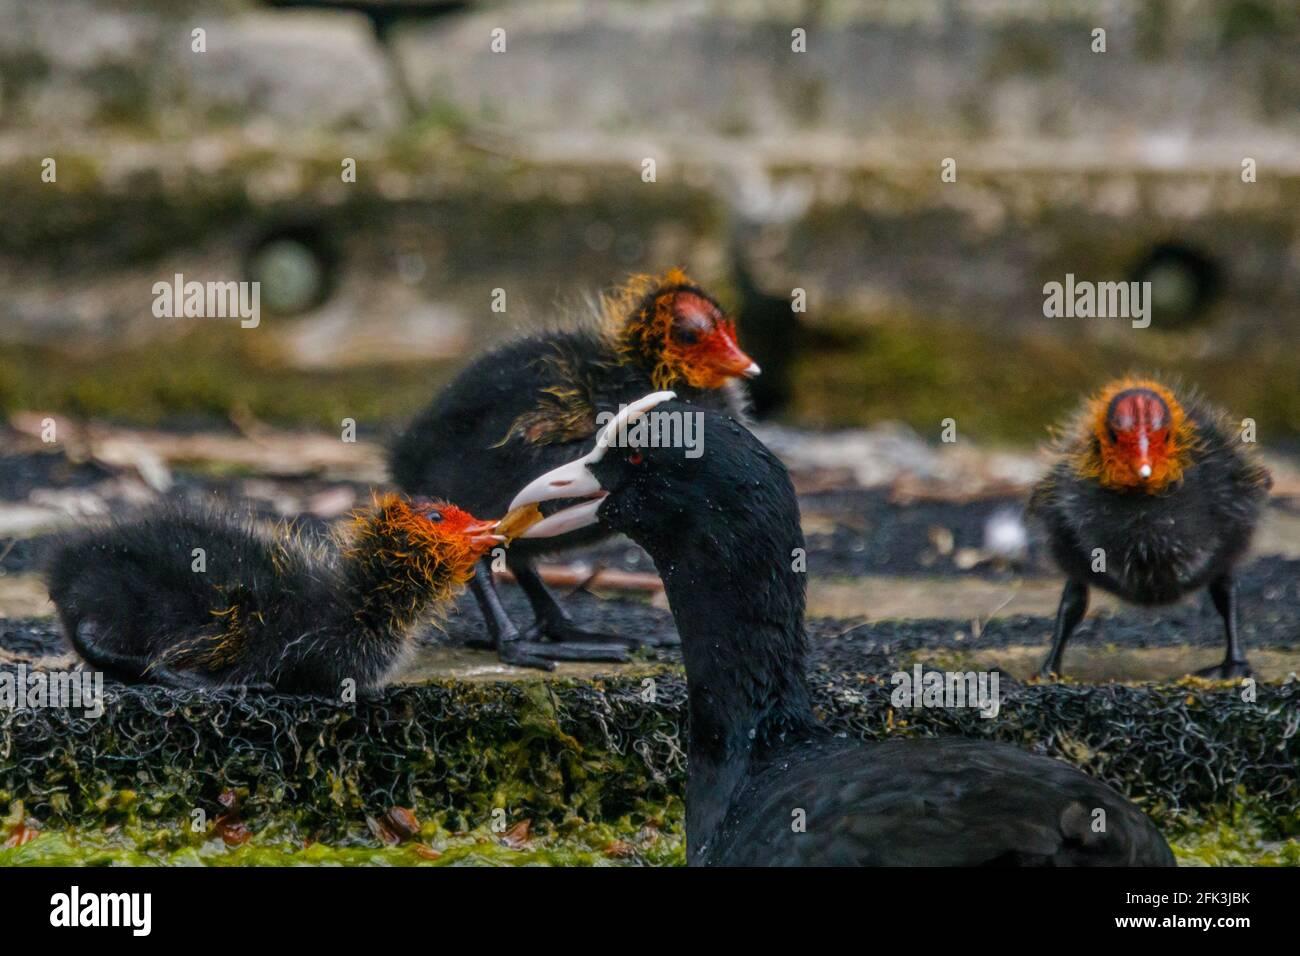 Wapping Canal, London, Großbritannien. April 2021. Familienfrühstück Zeit, während ein Coot seine Babygurken auf einem städtischen Kanal in Wapping, East London, füttert. Amanda Rose/Alamy Stockfoto